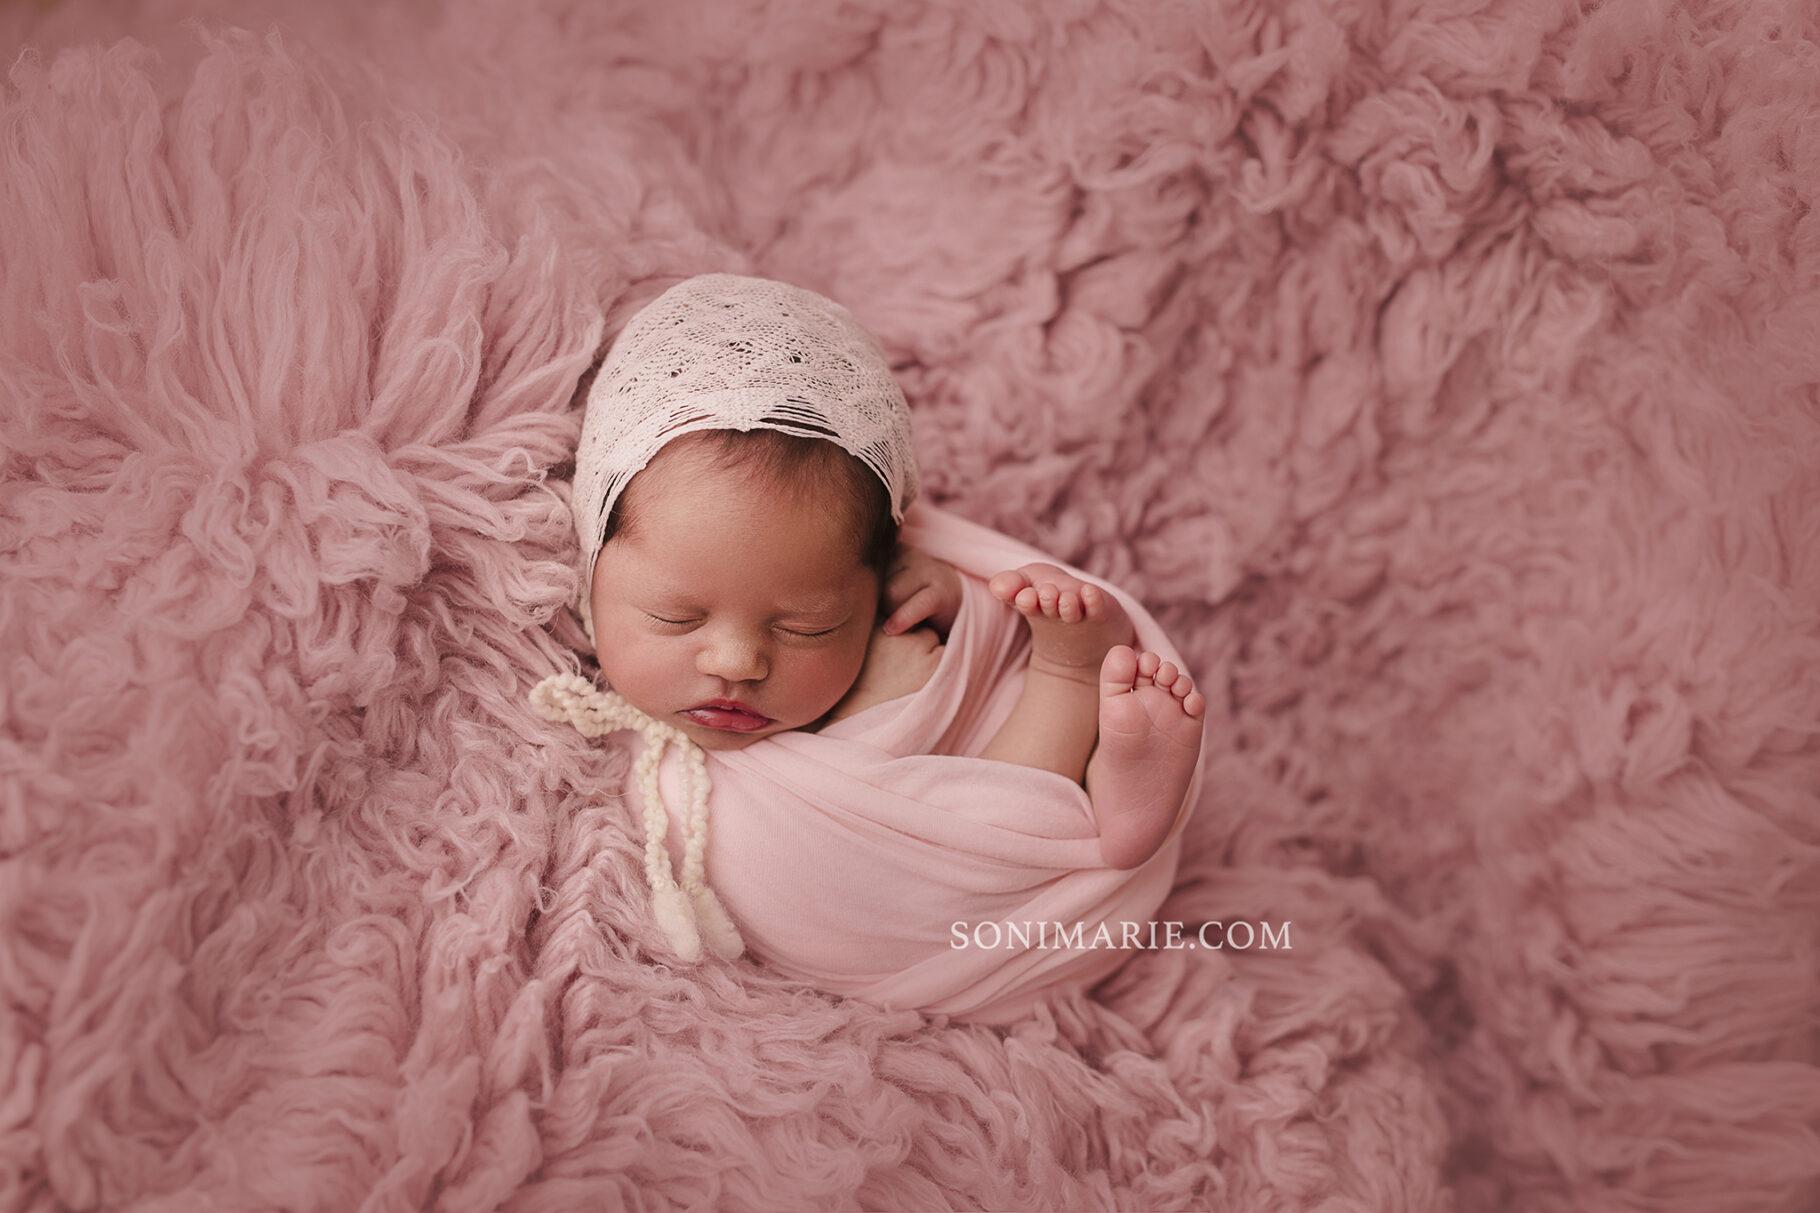 sesja dla noworodka wroclaw warszawa 282.jpg